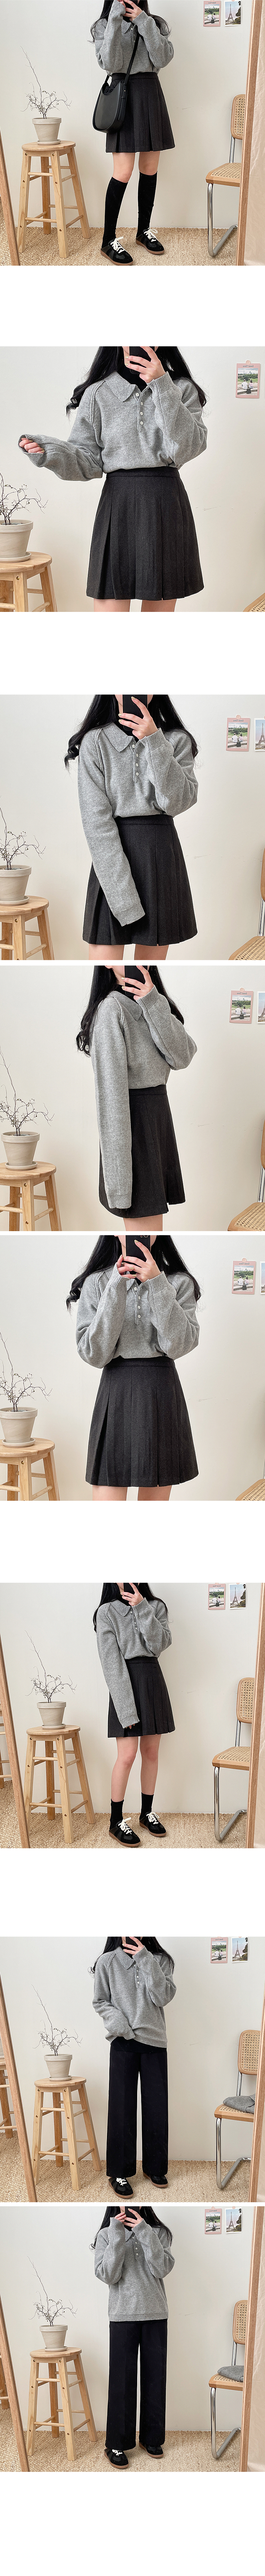 Karaburton Daily Knitwear